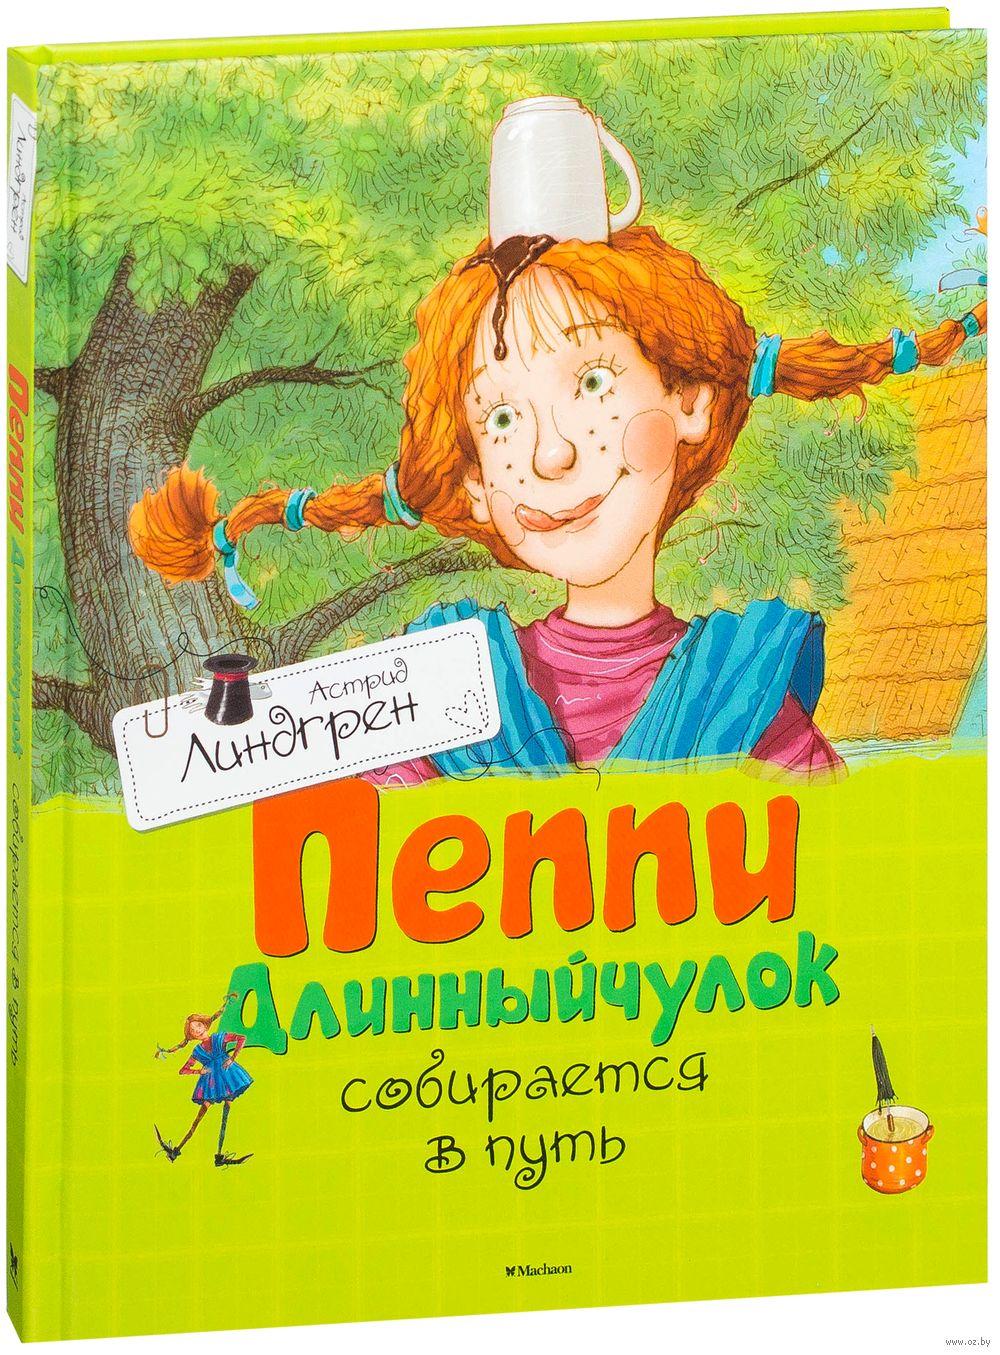 Пеппи скачать книгу бесплатно fb2